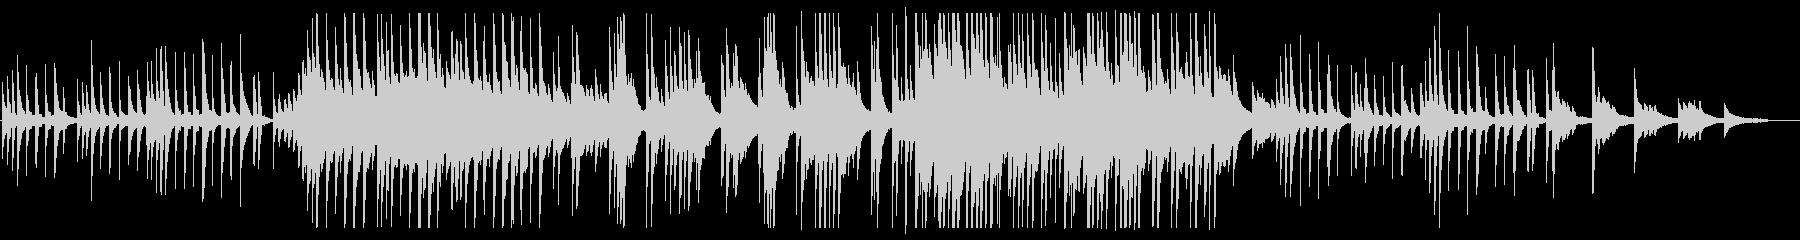 切ないメロディーが特徴的なピアノソロの未再生の波形